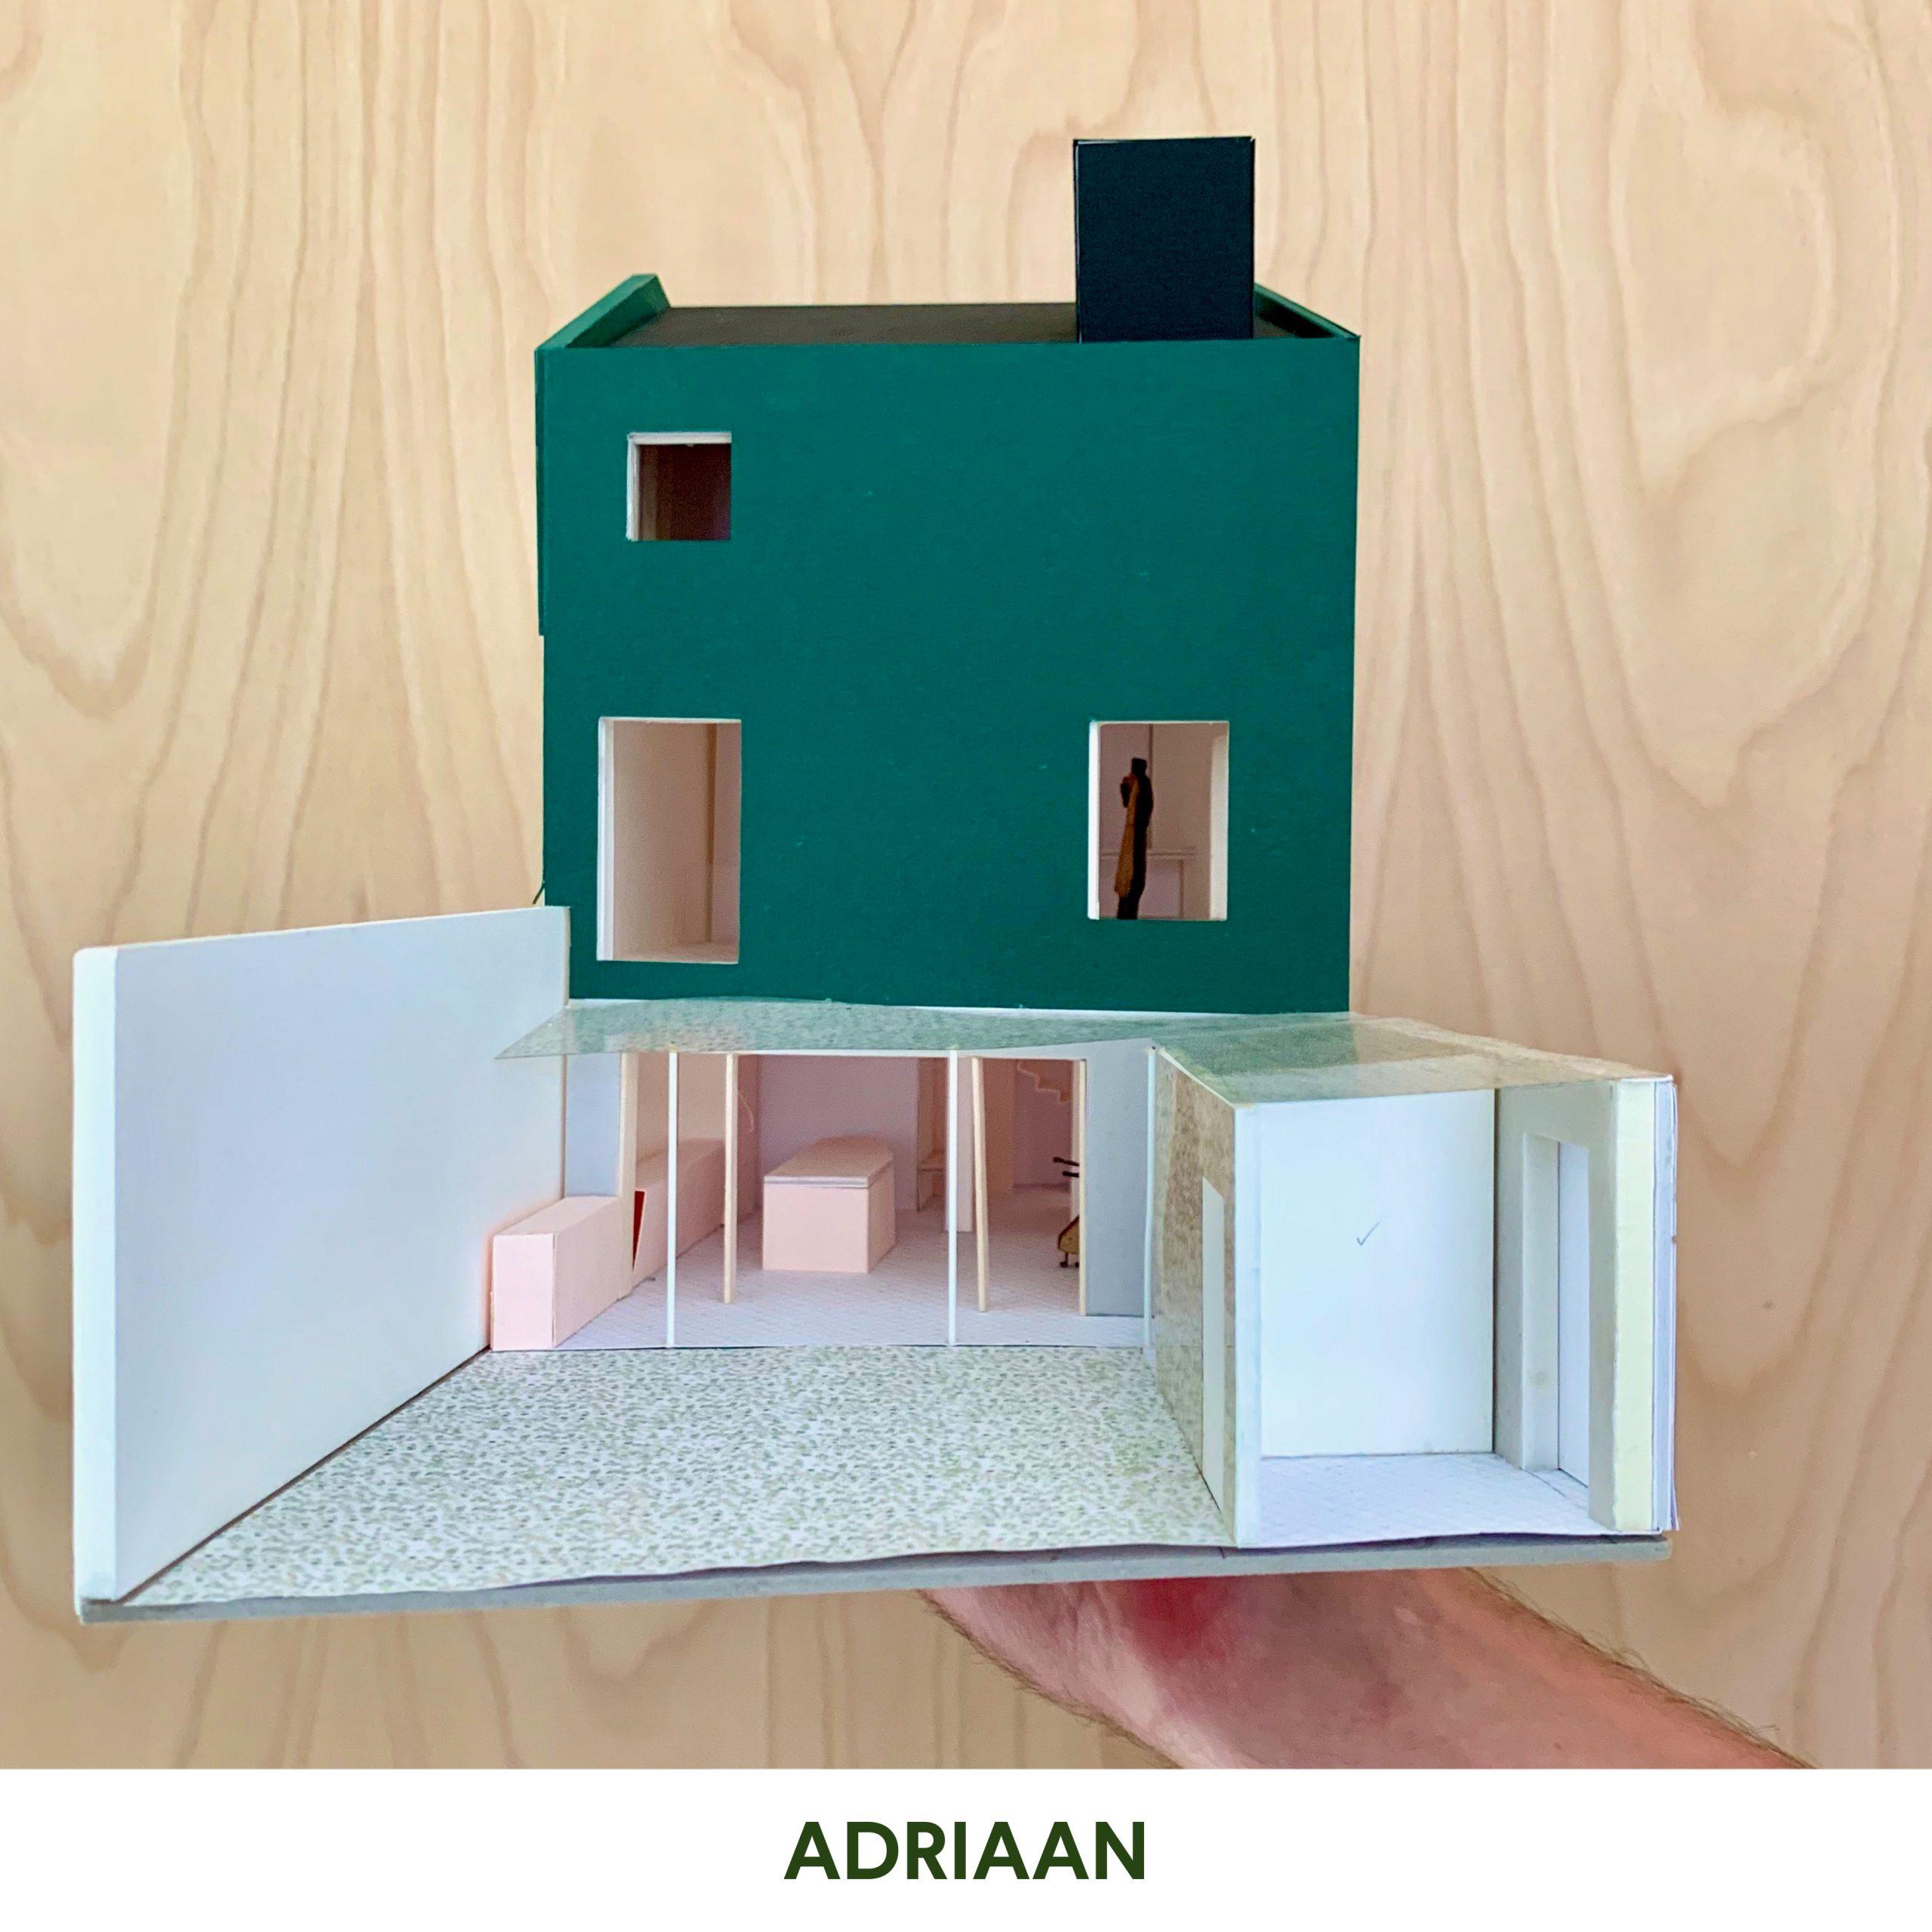 studioHAAN_ADRIAAN